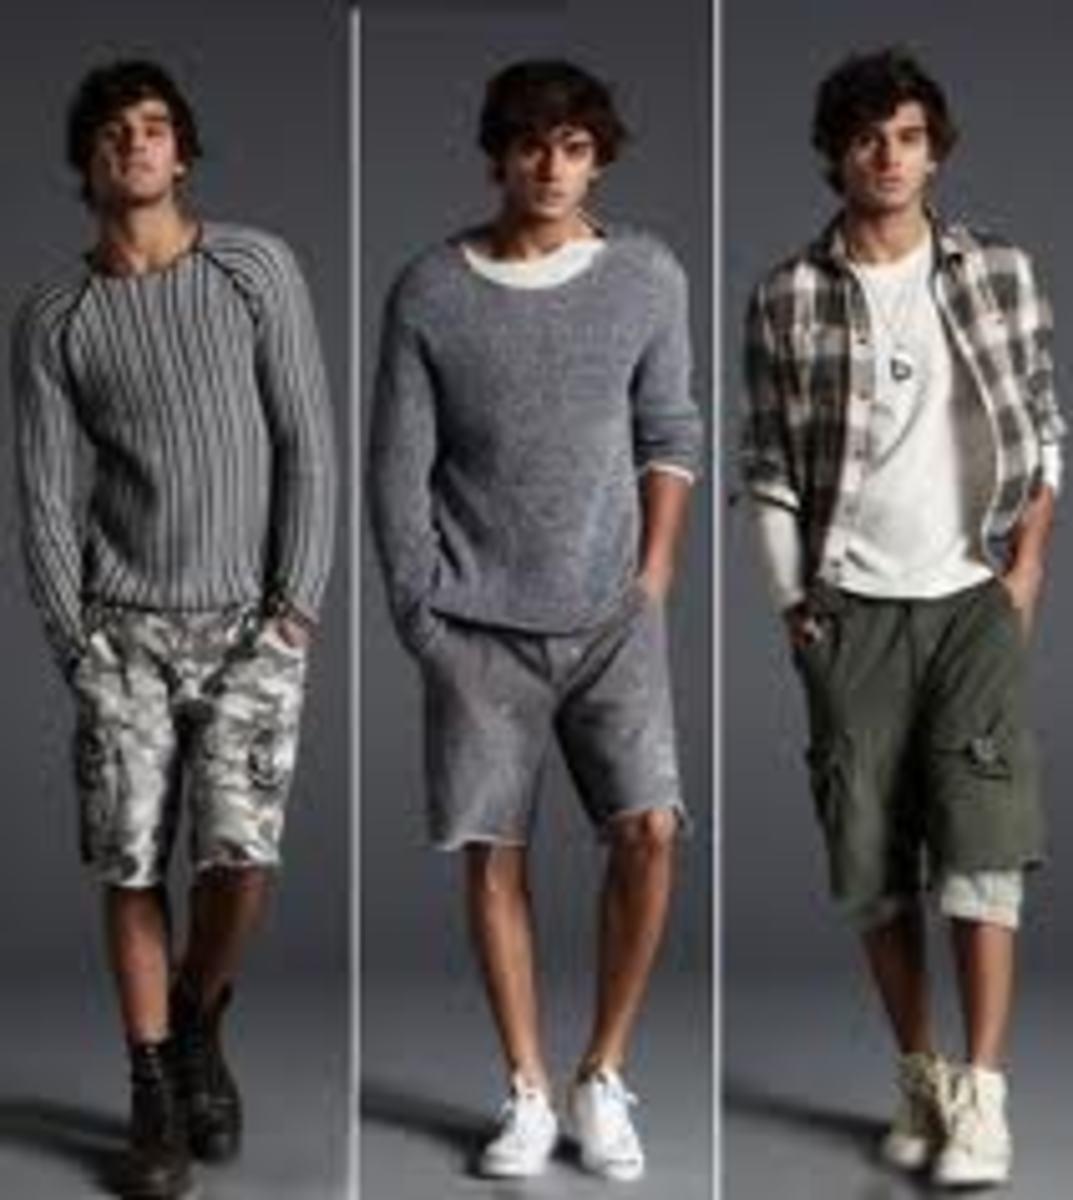 Young men wearing cargo shorts